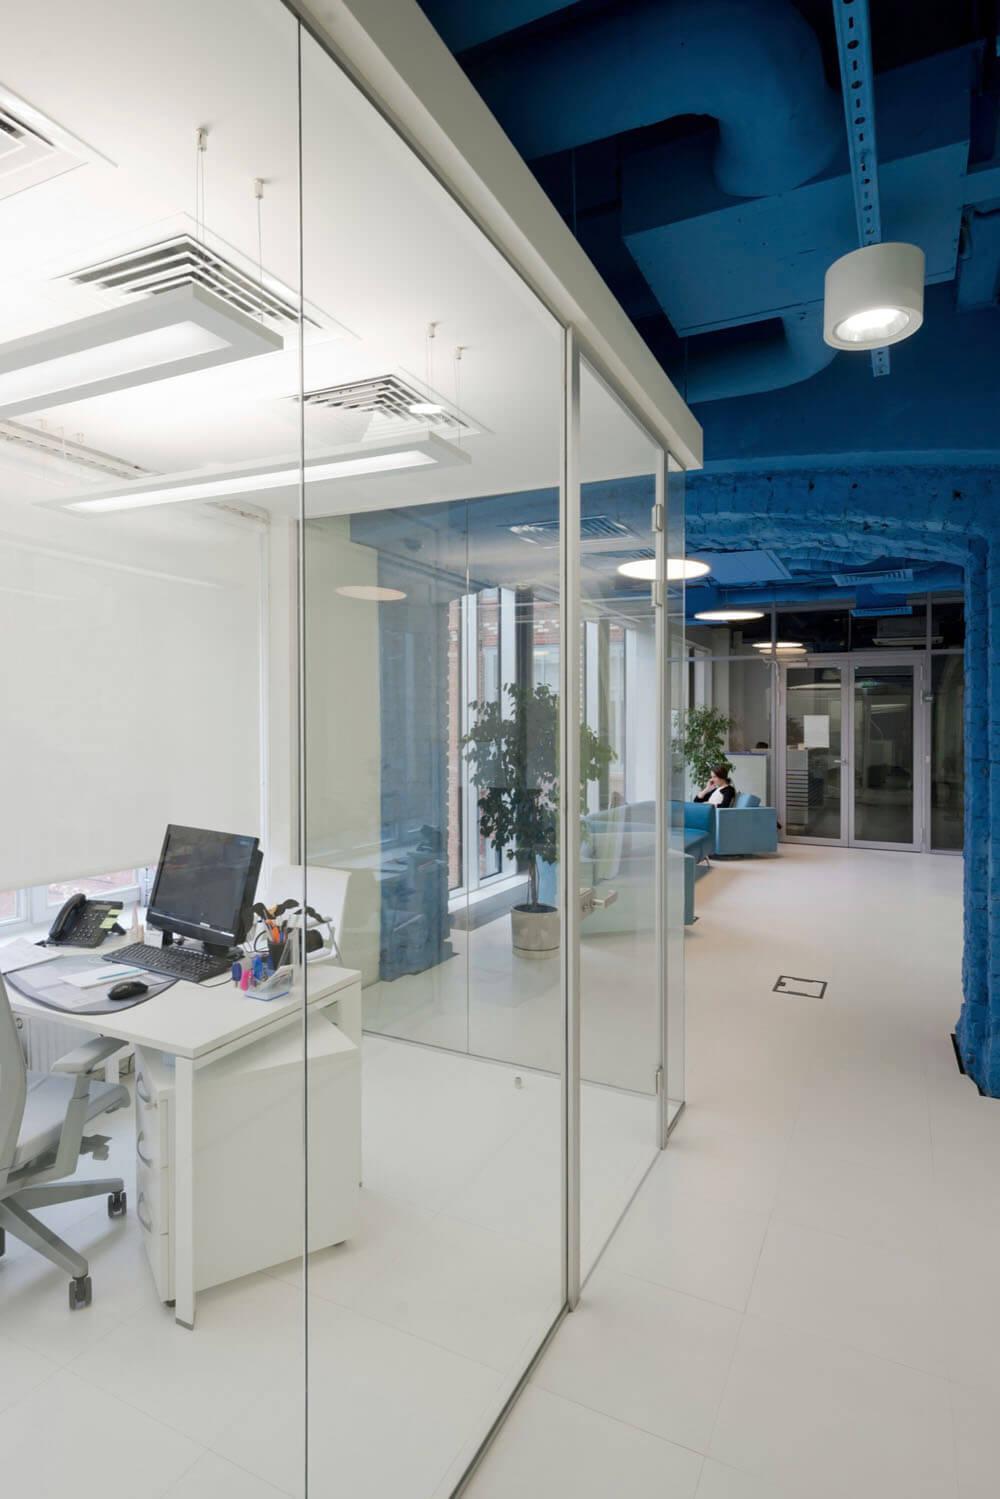 Креативное оформление офиса синий потолок, белые балки и пол, стеклянные стены офисов - фото 5